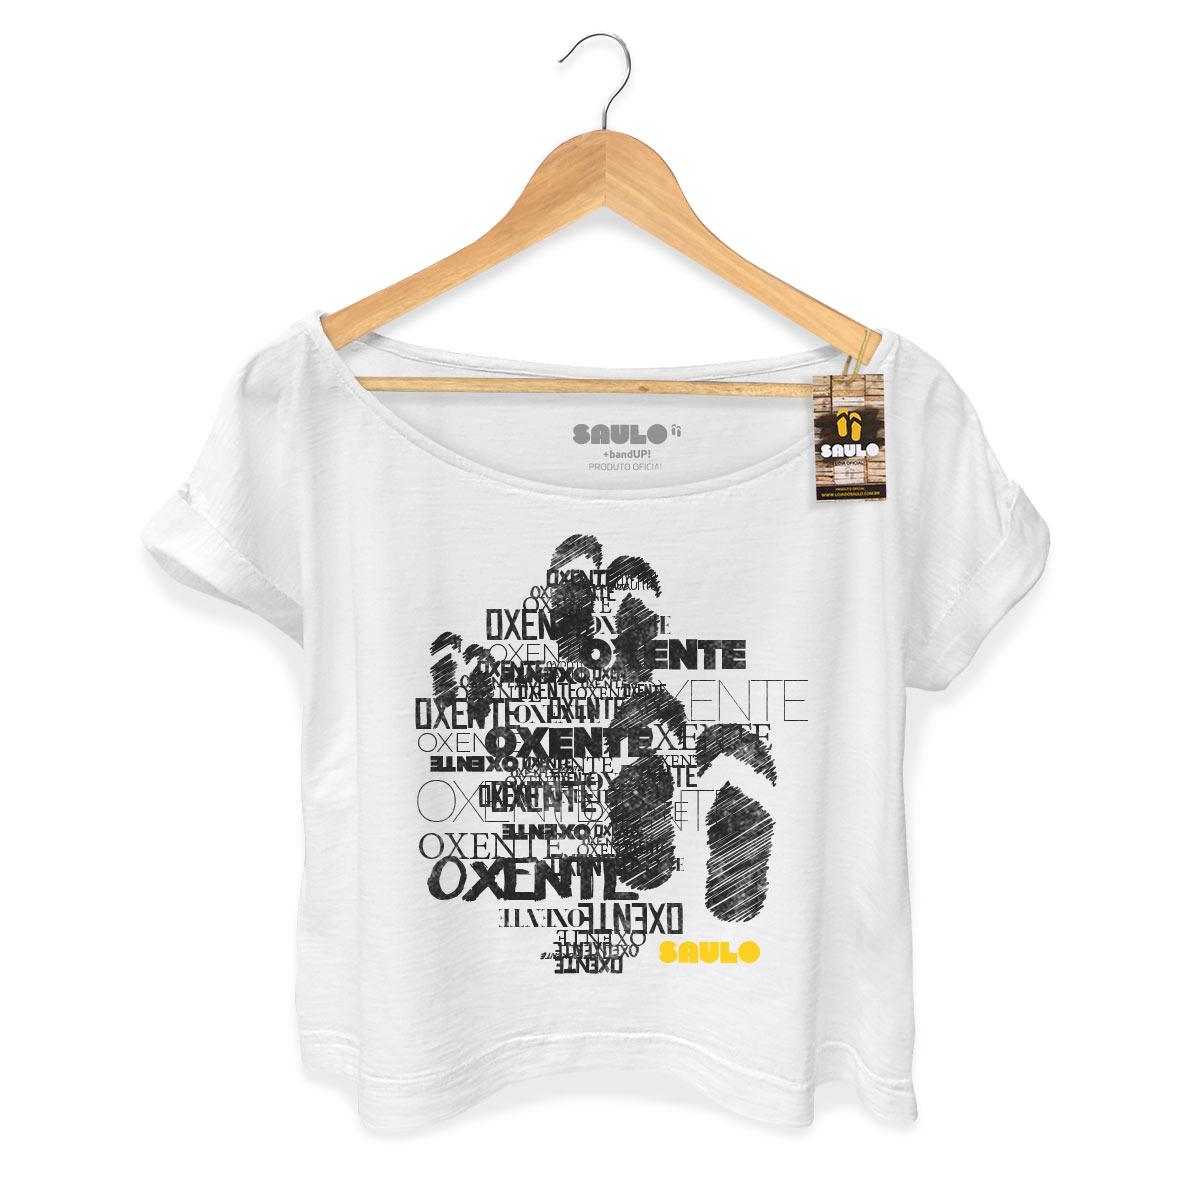 T-shirt Premium Feminina Saulo Oxente